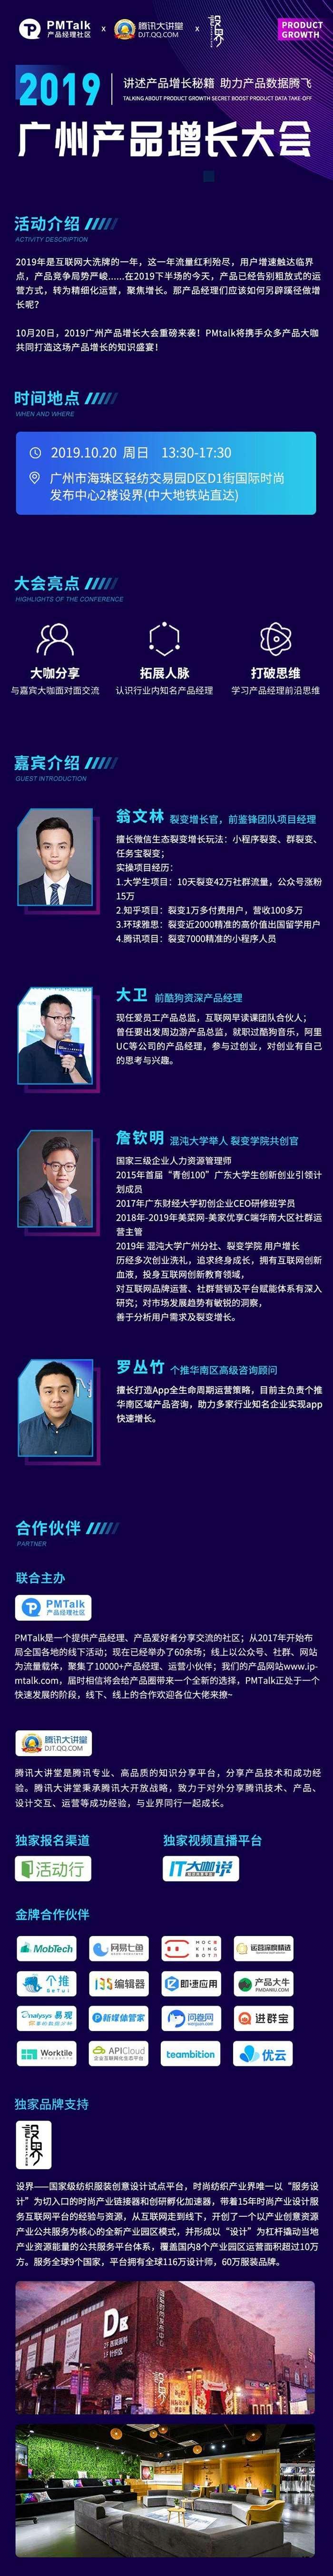 广州长图2(3).jpg